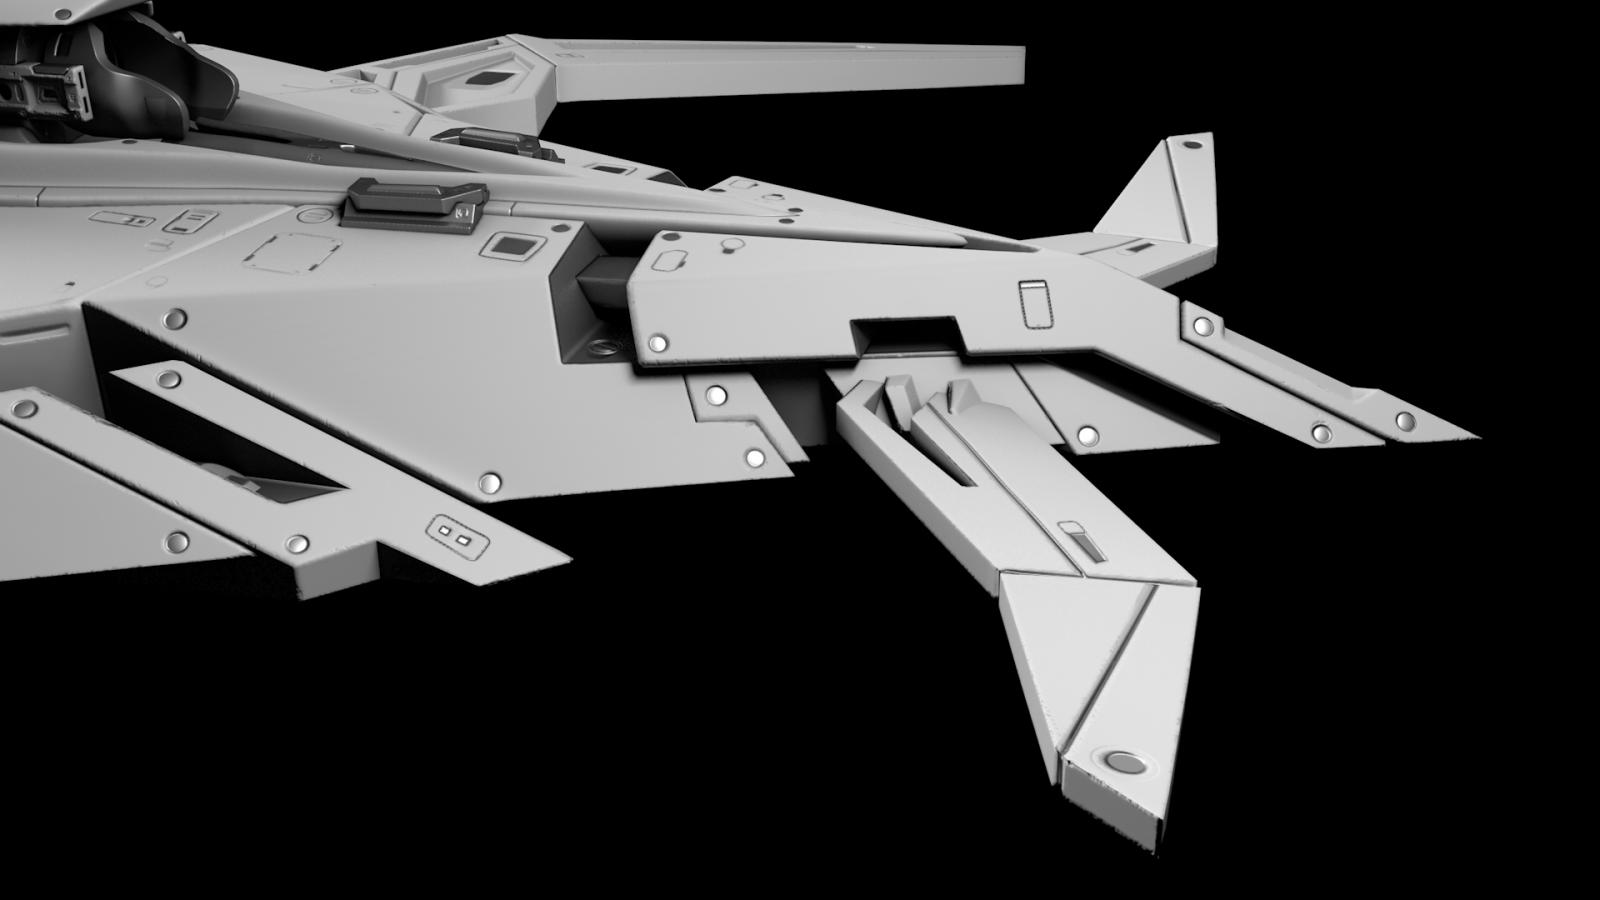 X-flier-1080-4.png